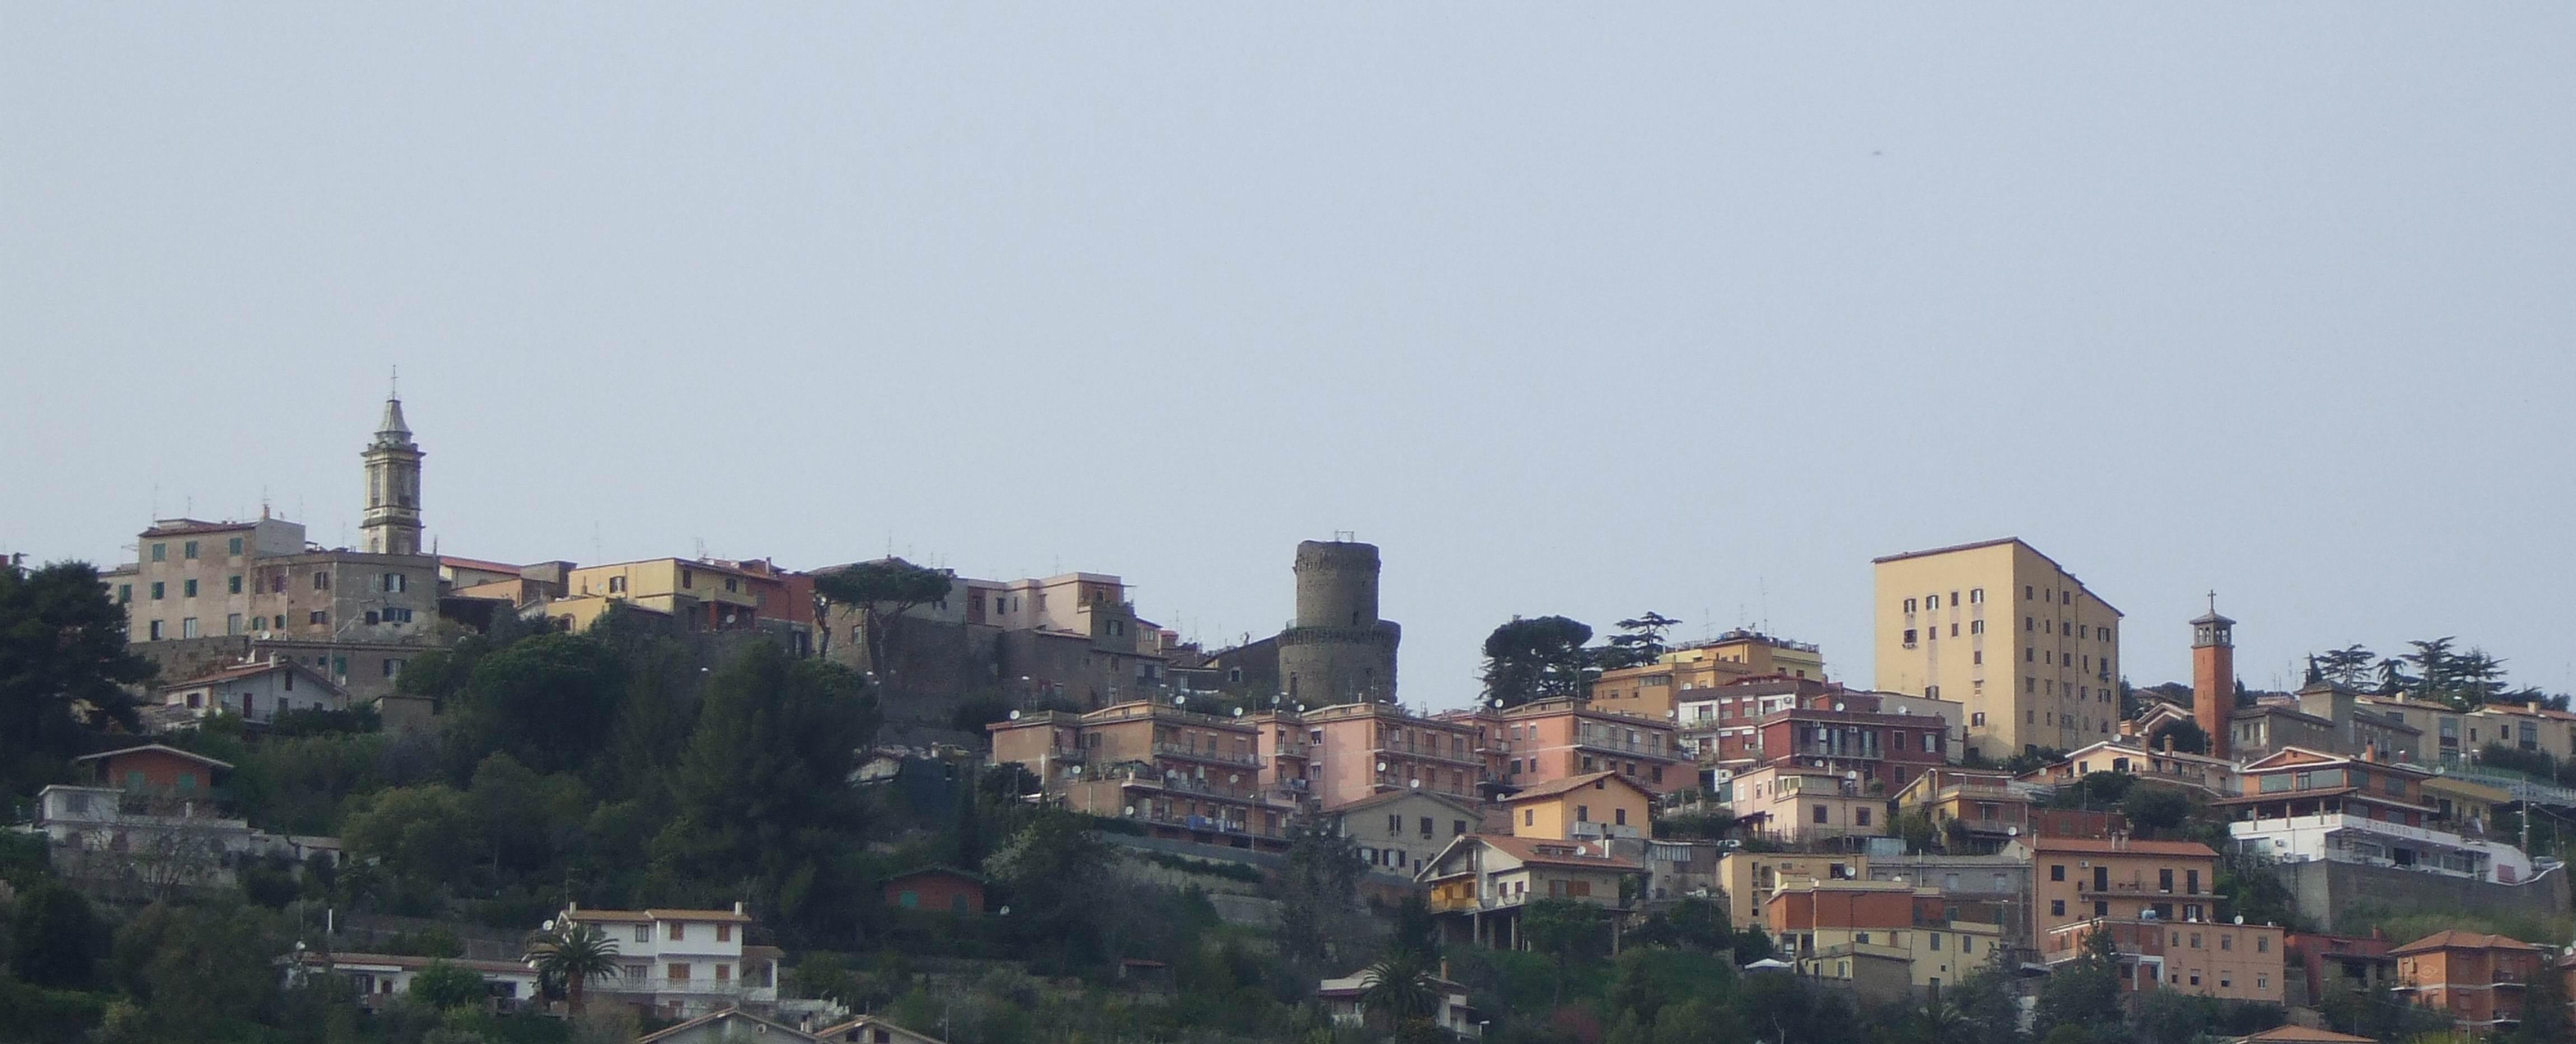 lanuvio castelli romani arte